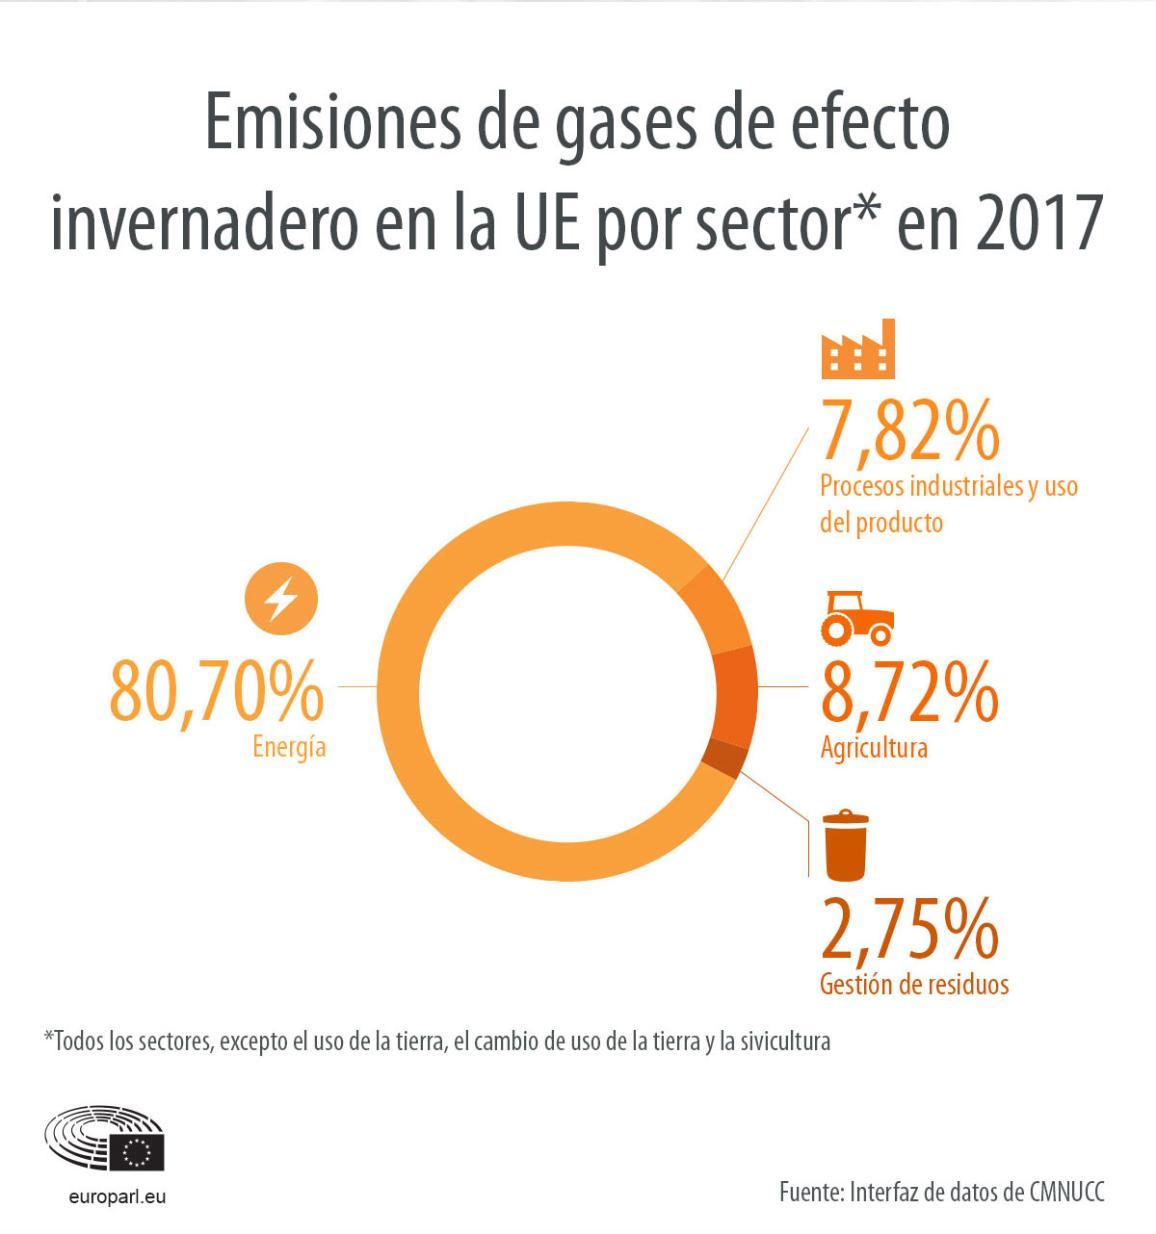 Emisiones de gases de efecto invernadero en la UE por sector en 2017